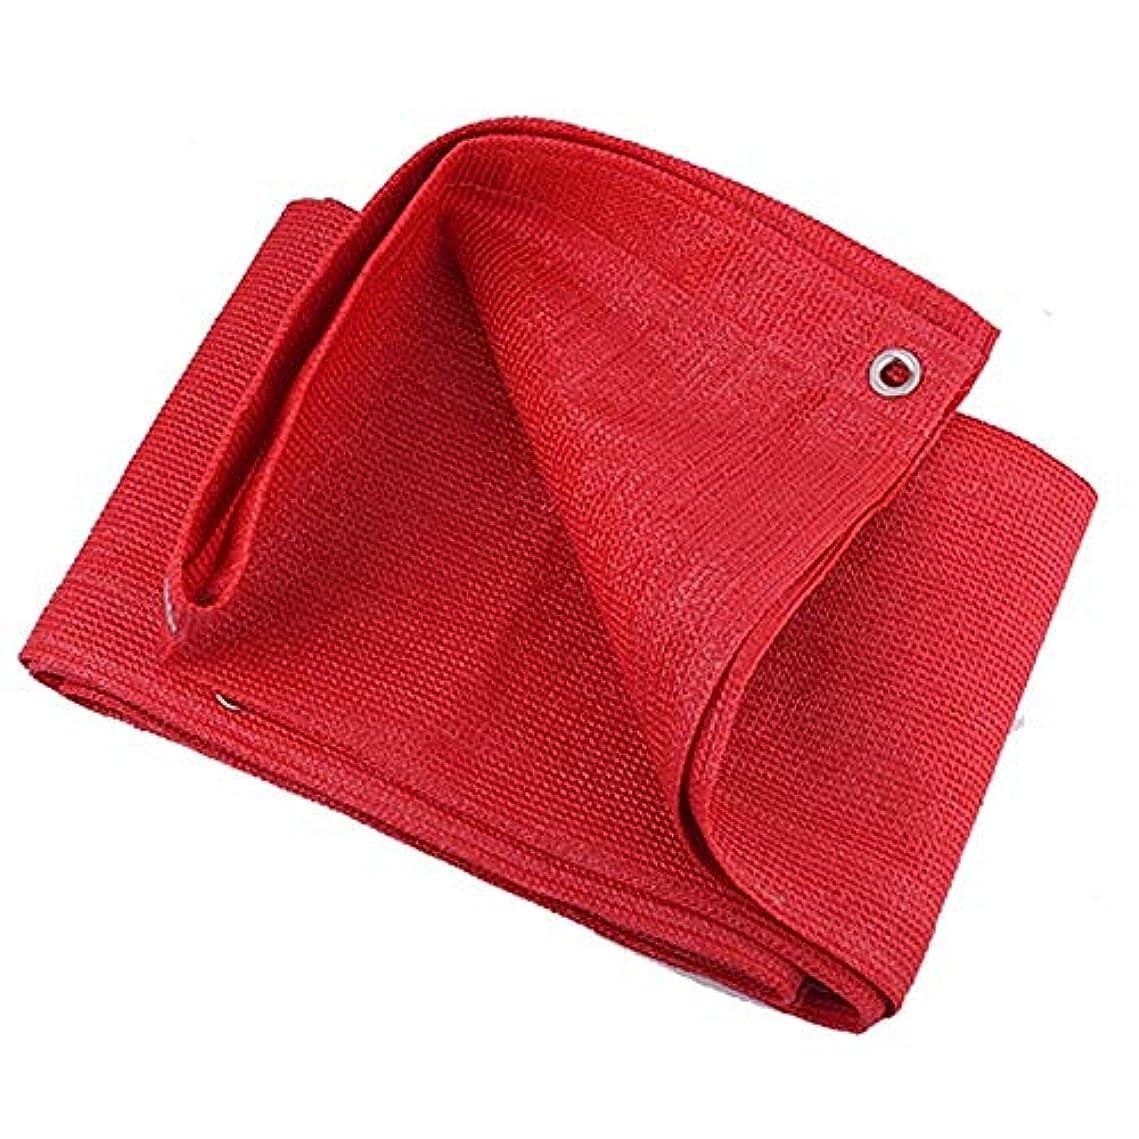 チーズレオナルドダ降ろす日焼け止めシェード布、網、網、通気性の夏用網掛けカバー - 植物、花、温室、芝生、プール、デッキ用 ZHAOFENGMING (Color : Red, Size : 4*8m)